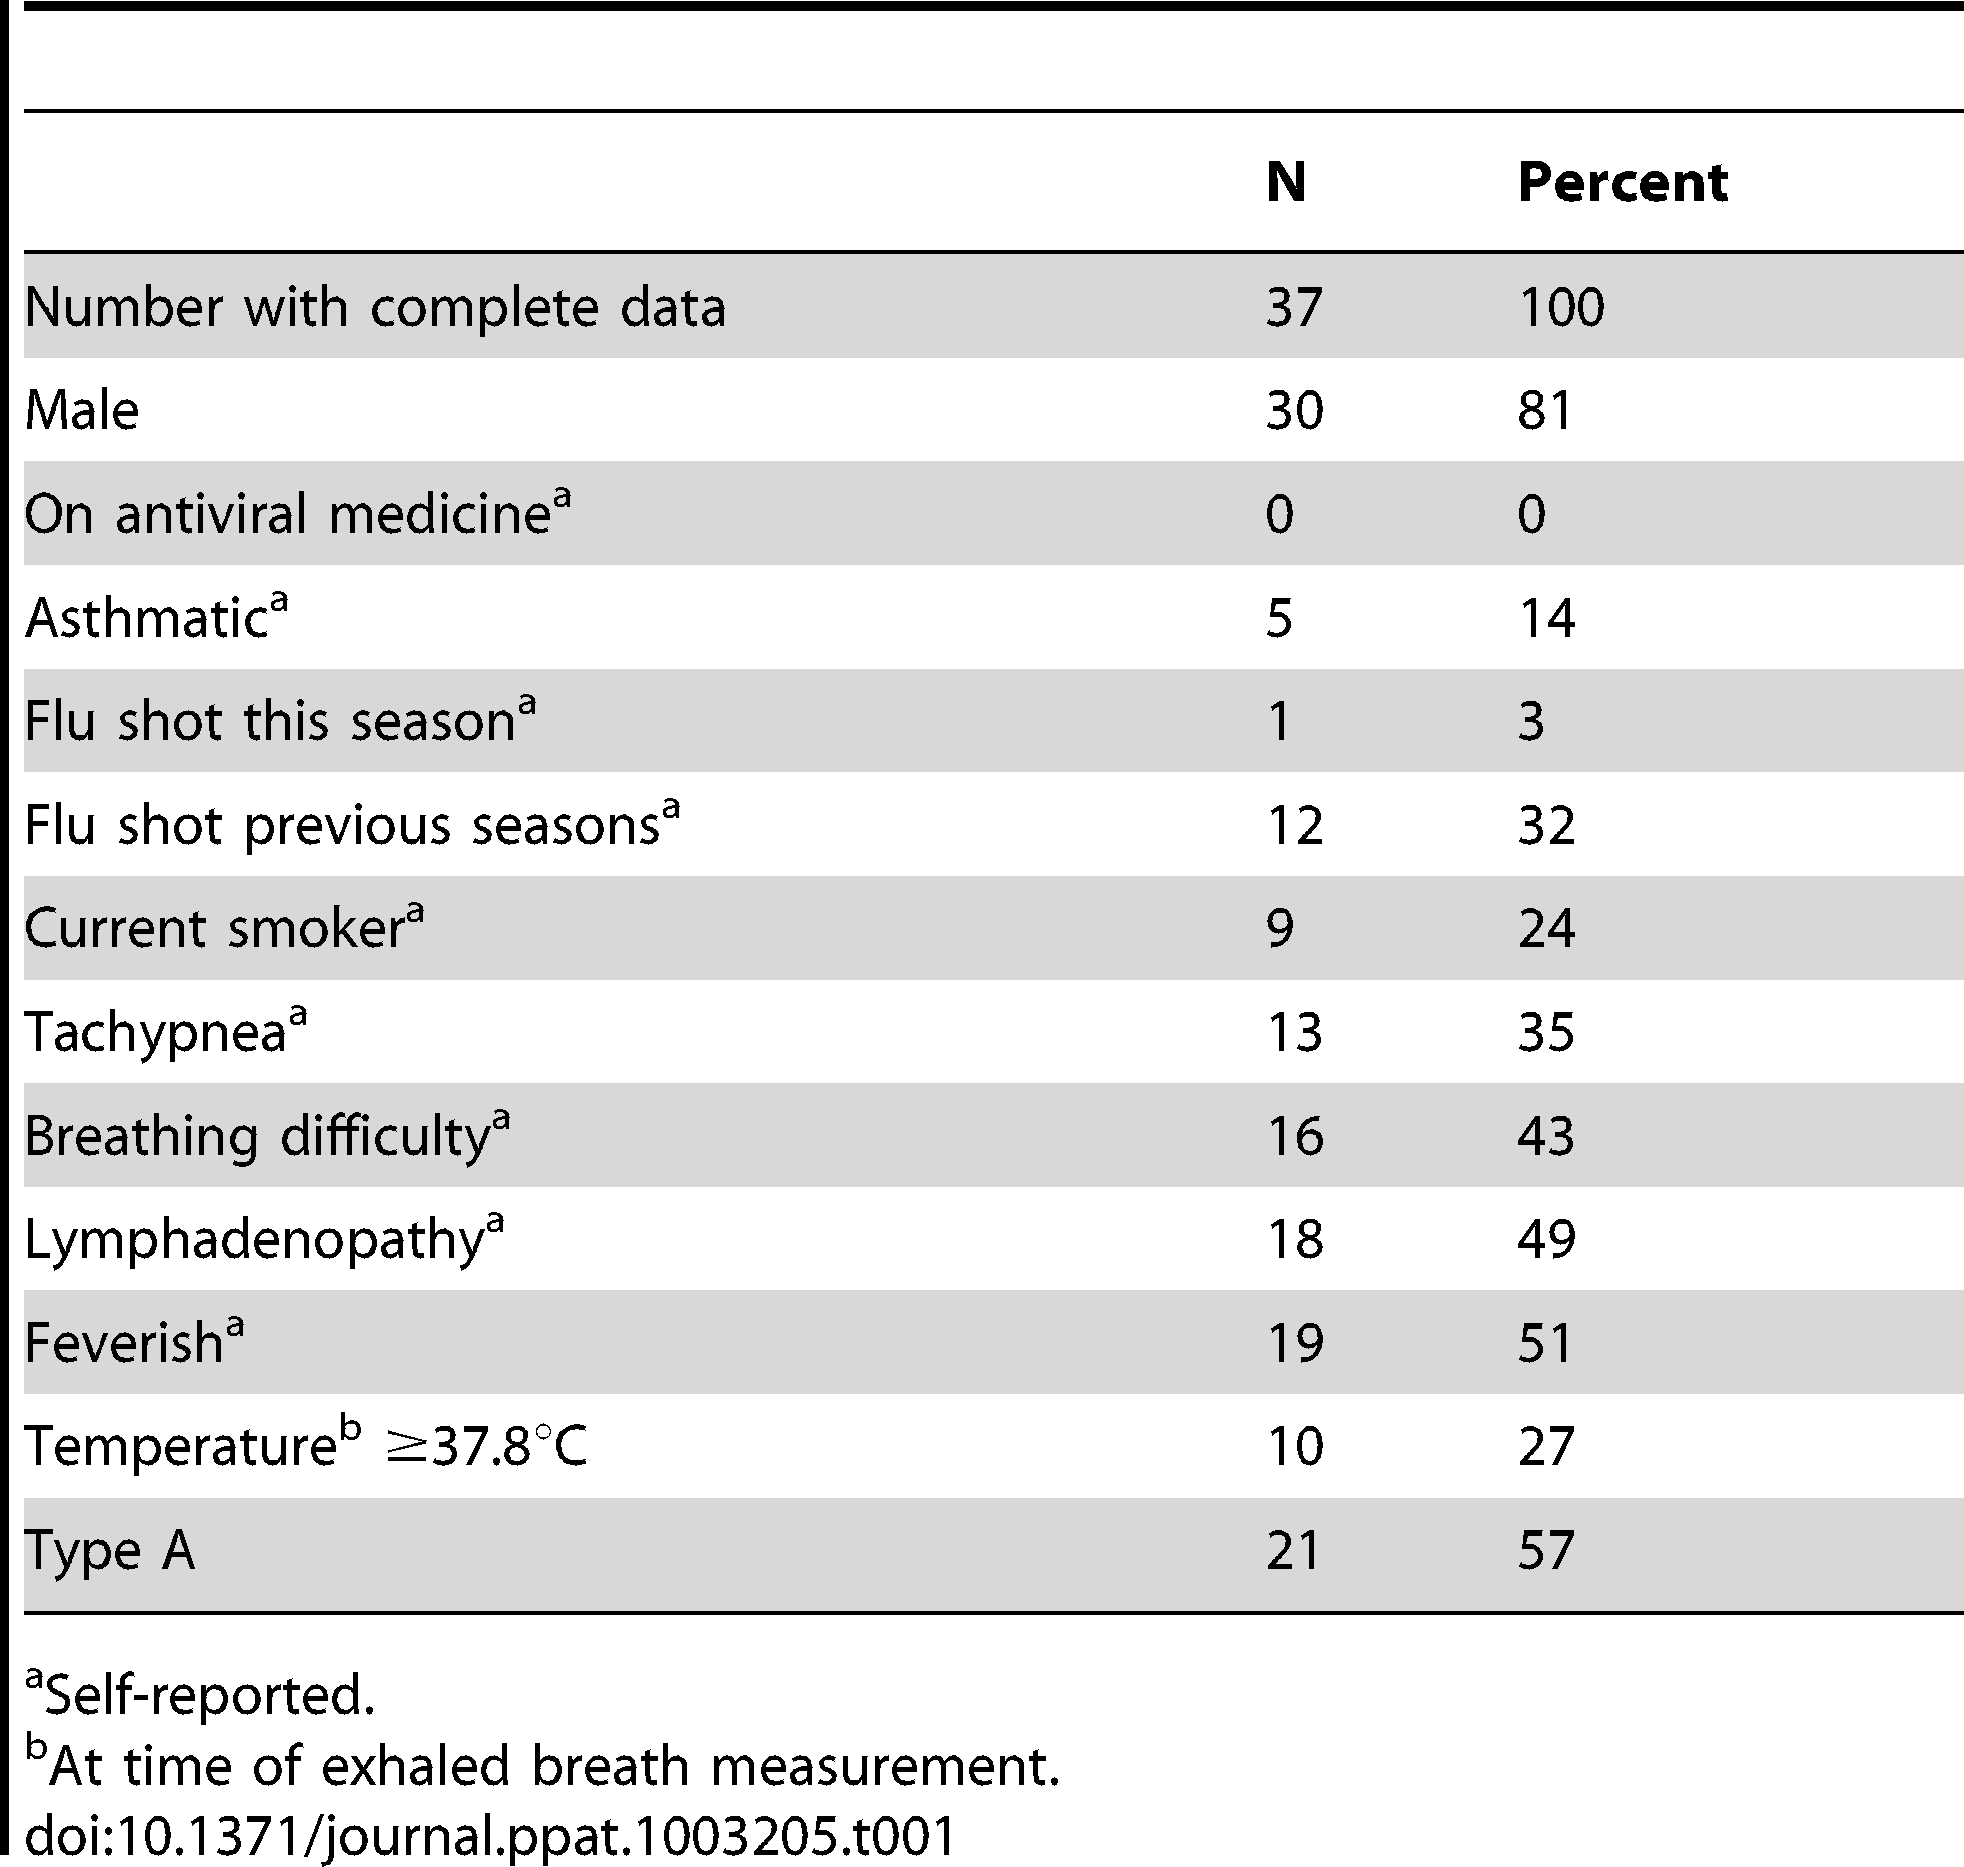 Participant's sex, symptoms, temperature, and influenza virus type.